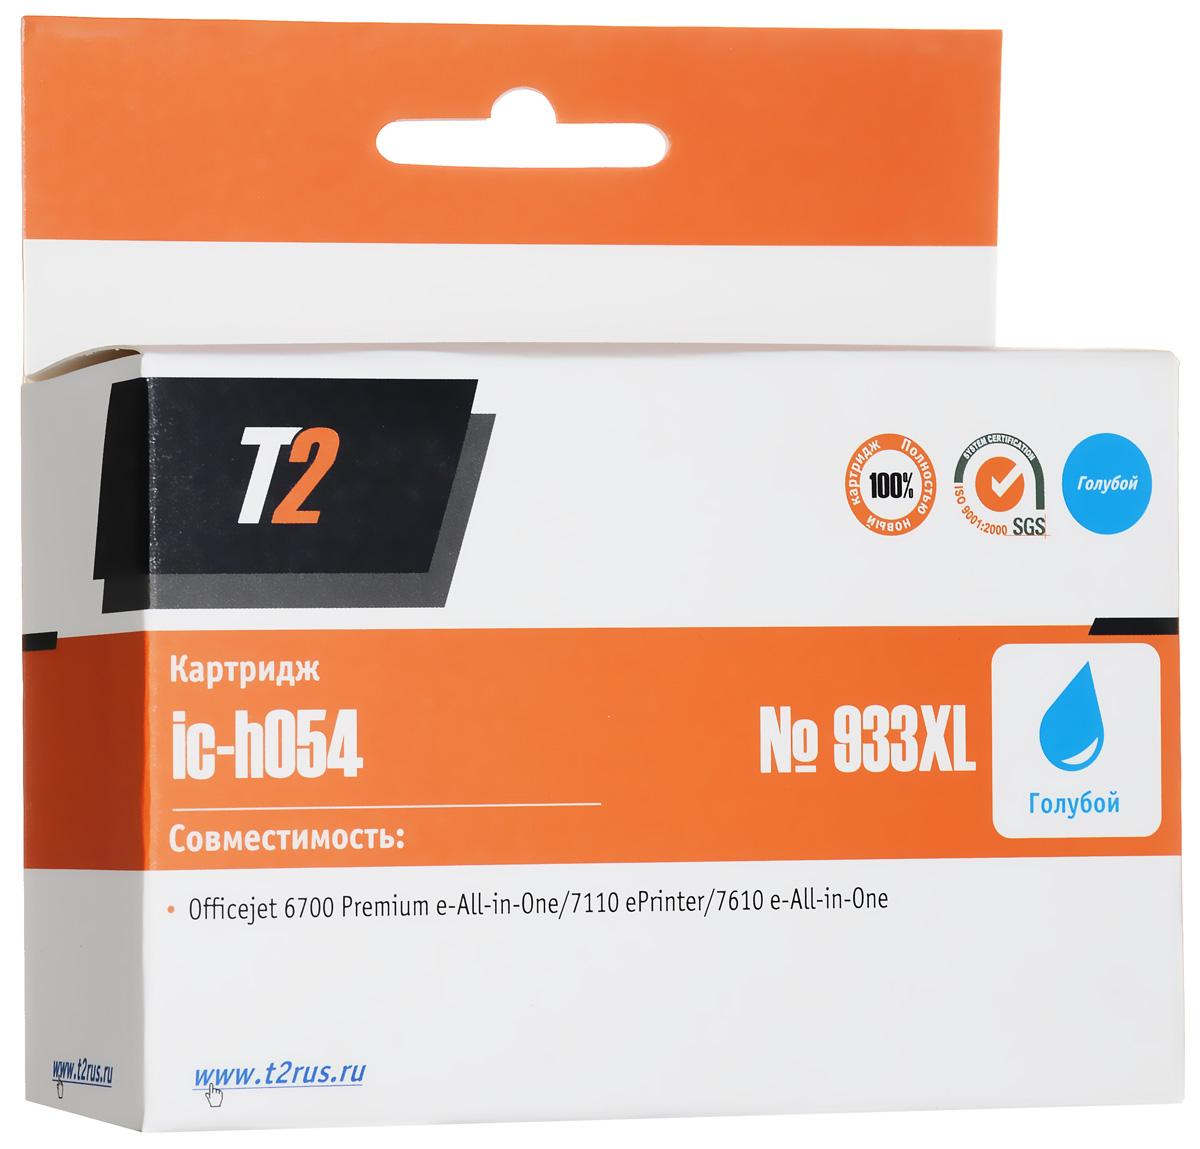 T2 IC-H054 картридж для HP Officejet 6100/6600/6700/7110/7610, CyanIC-H054Картридж T2 IC-H054 собран из дорогих японских комплектующих, протестирован по стандартам STMC и ISO. Специалисты на заводе следят за всеми аспектами сборки, вплоть до крутящего момента при закручивании винтов. С каждого картриджа на заводе делаются тестовые отпечатки. Для каждой модели картриджа подобраны оптимальные чернила. Каждая новая модель проходит тщательную проверку на градиенты, фантомные изображения, ровность заливки и общее качество картинки.